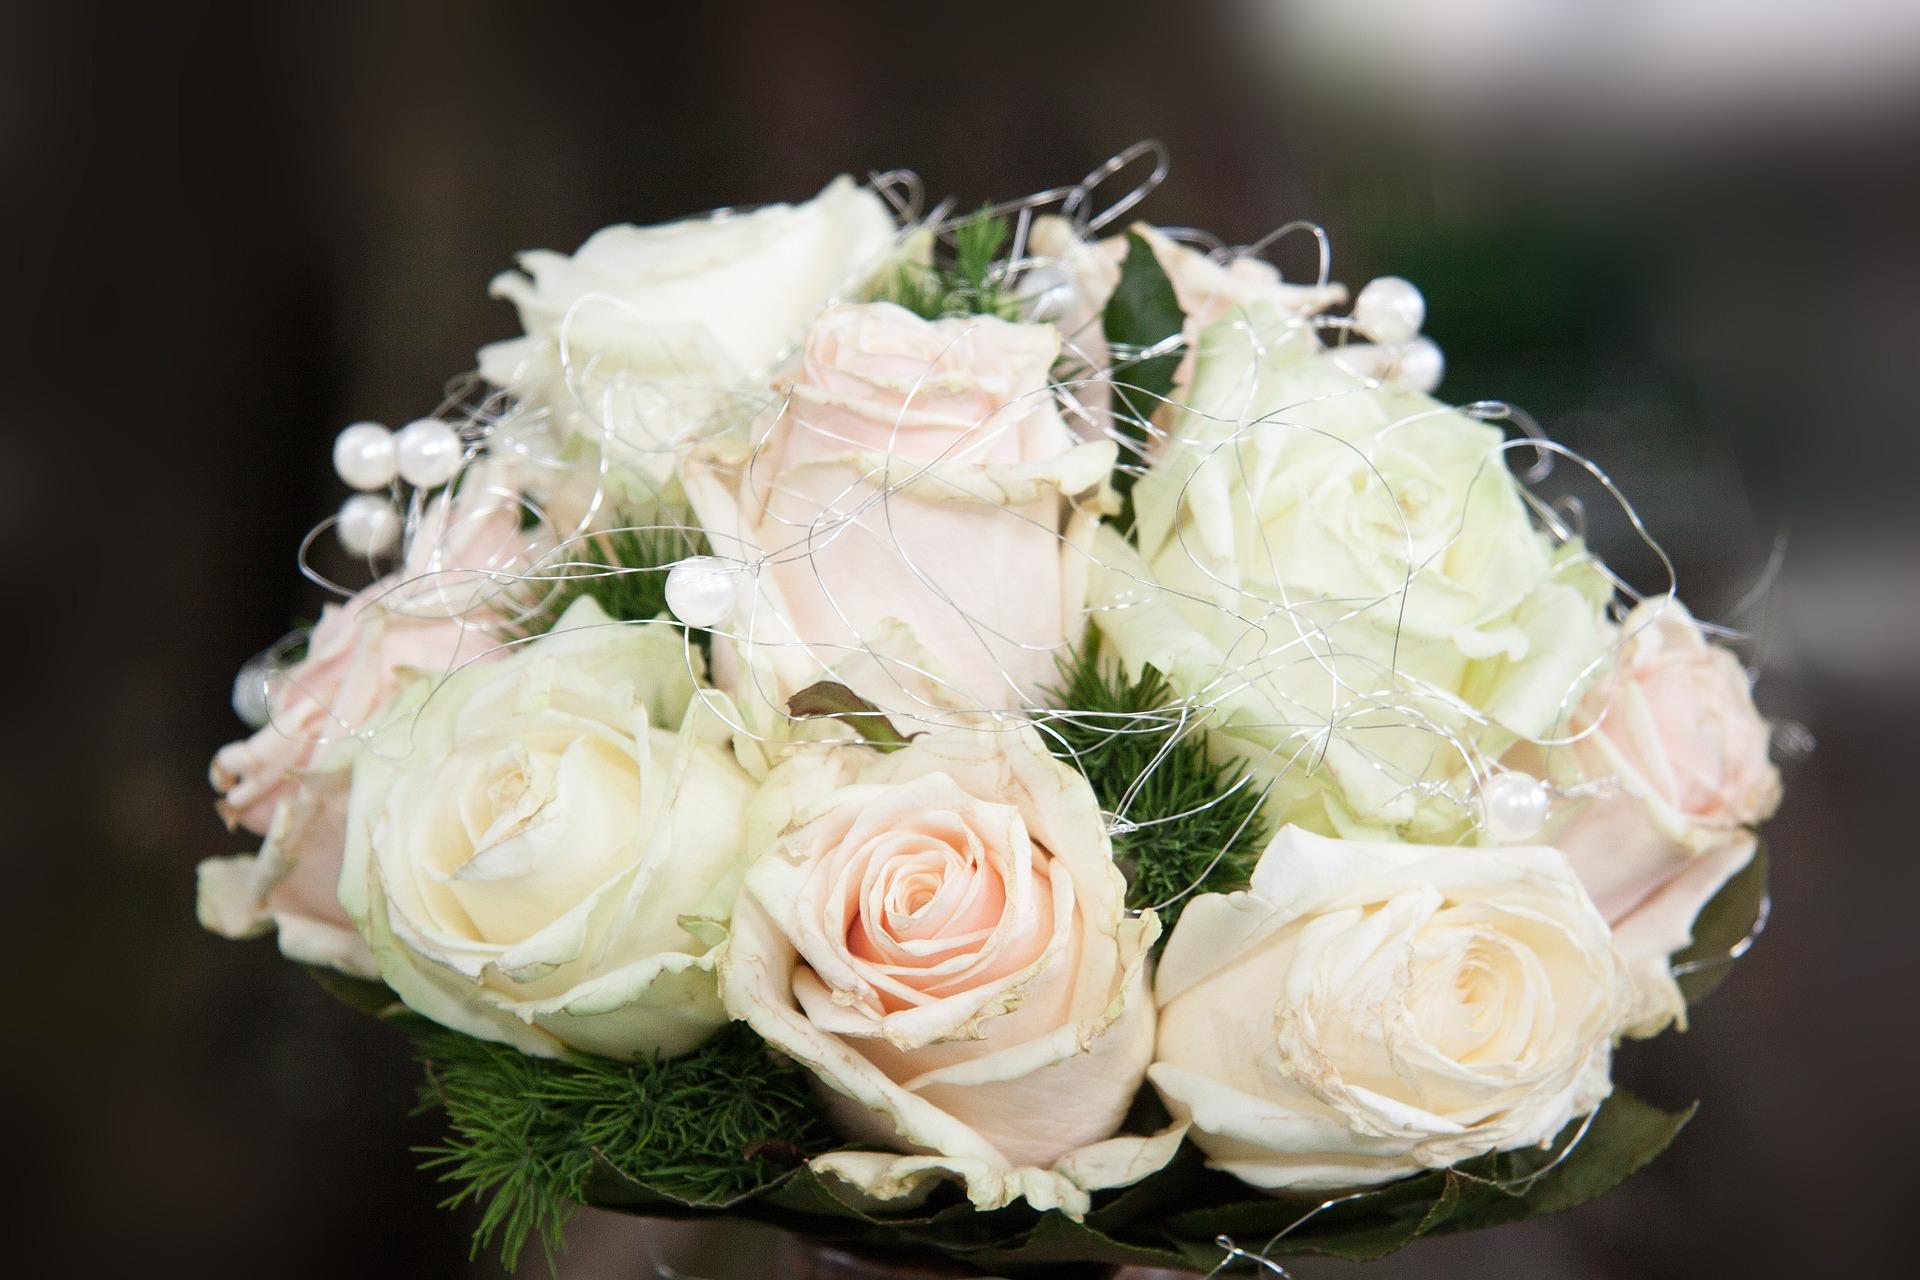 بوكيه ورد ابيض اجمل البوكيهات من الورد الابيض قصة شوق